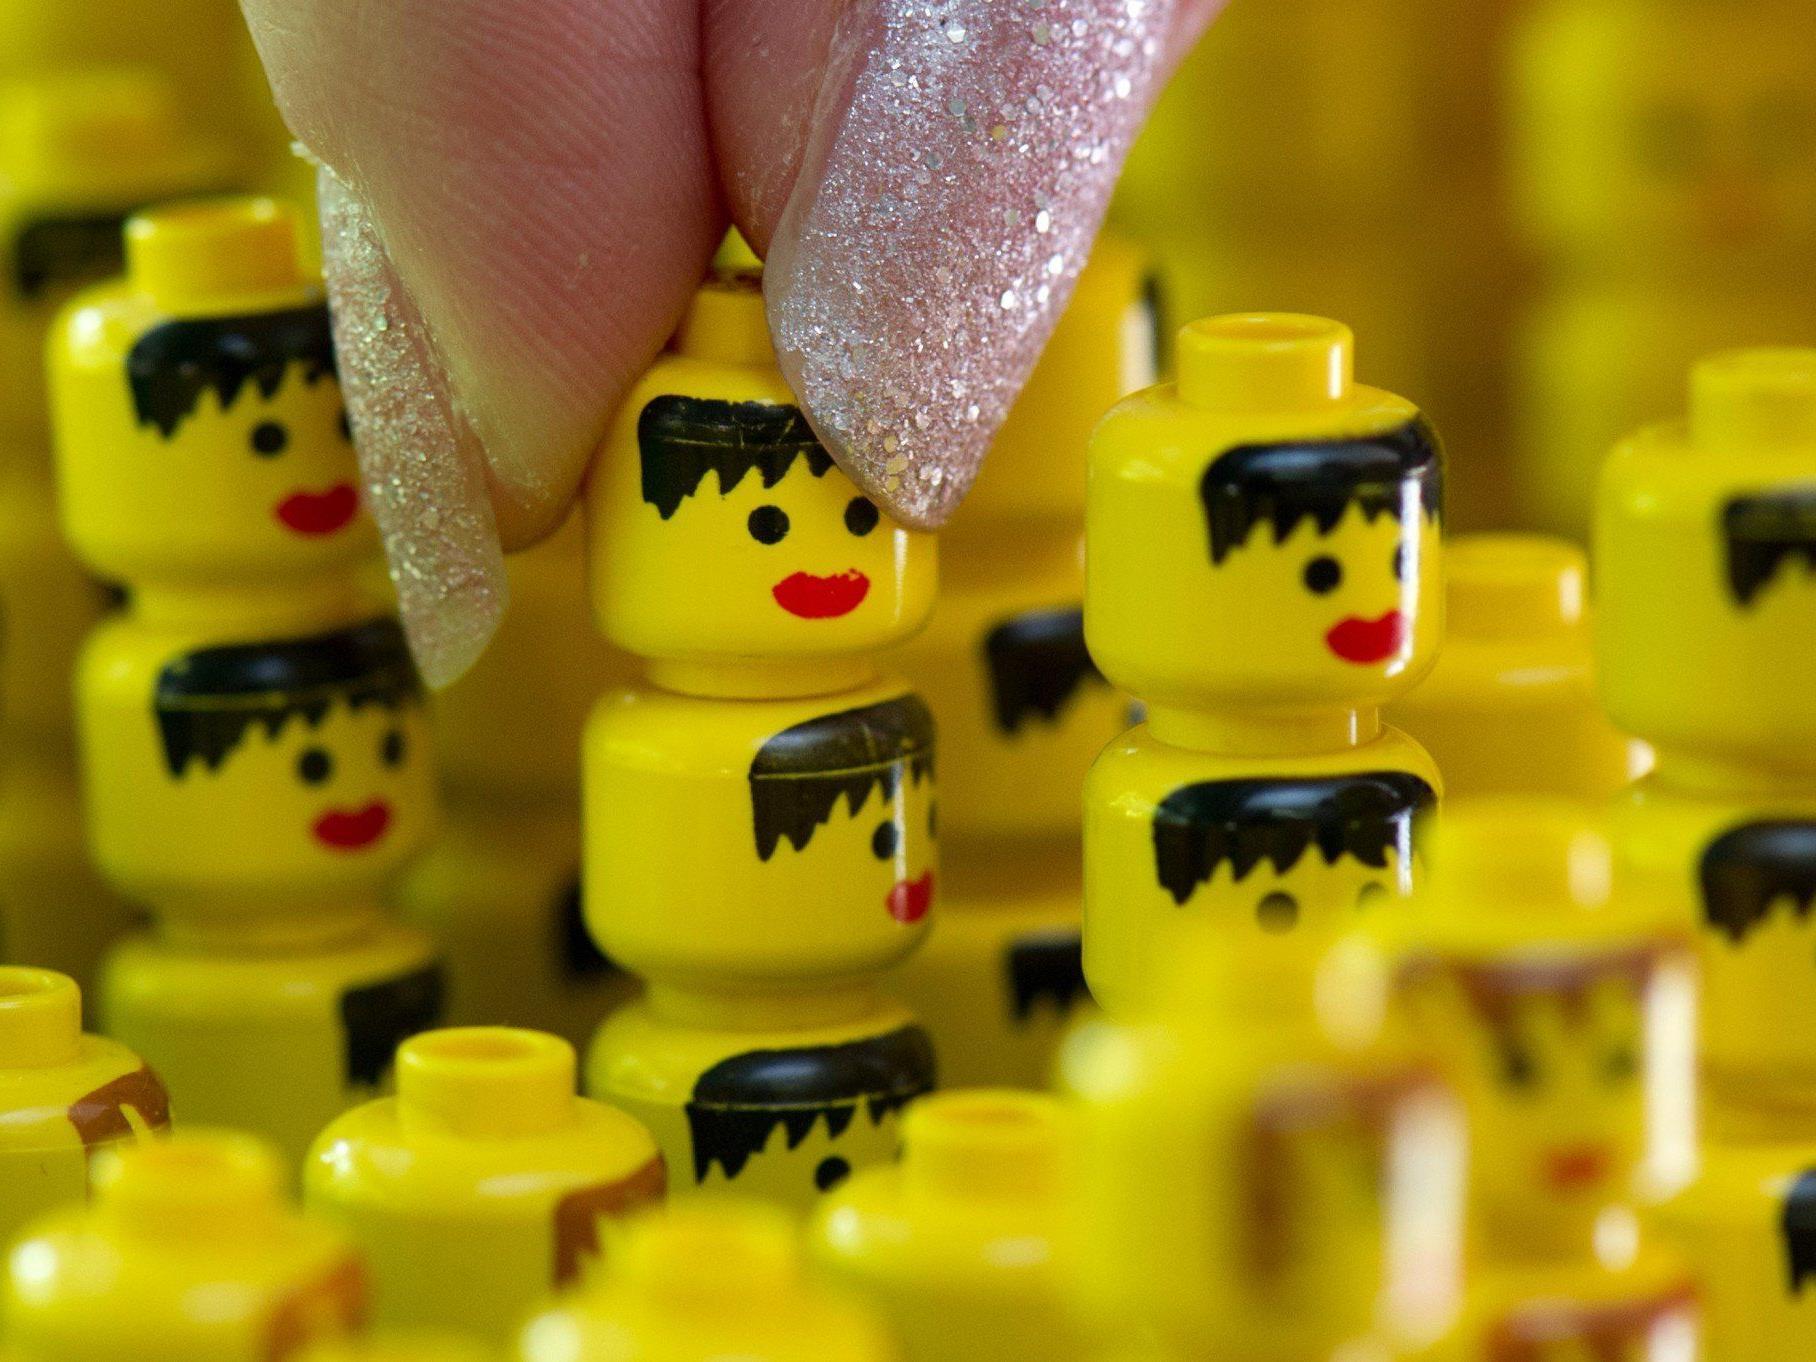 Ein siebenjähriges Mädchen beschwert sich bei Lego über die Rolle der Lego-Frauen.